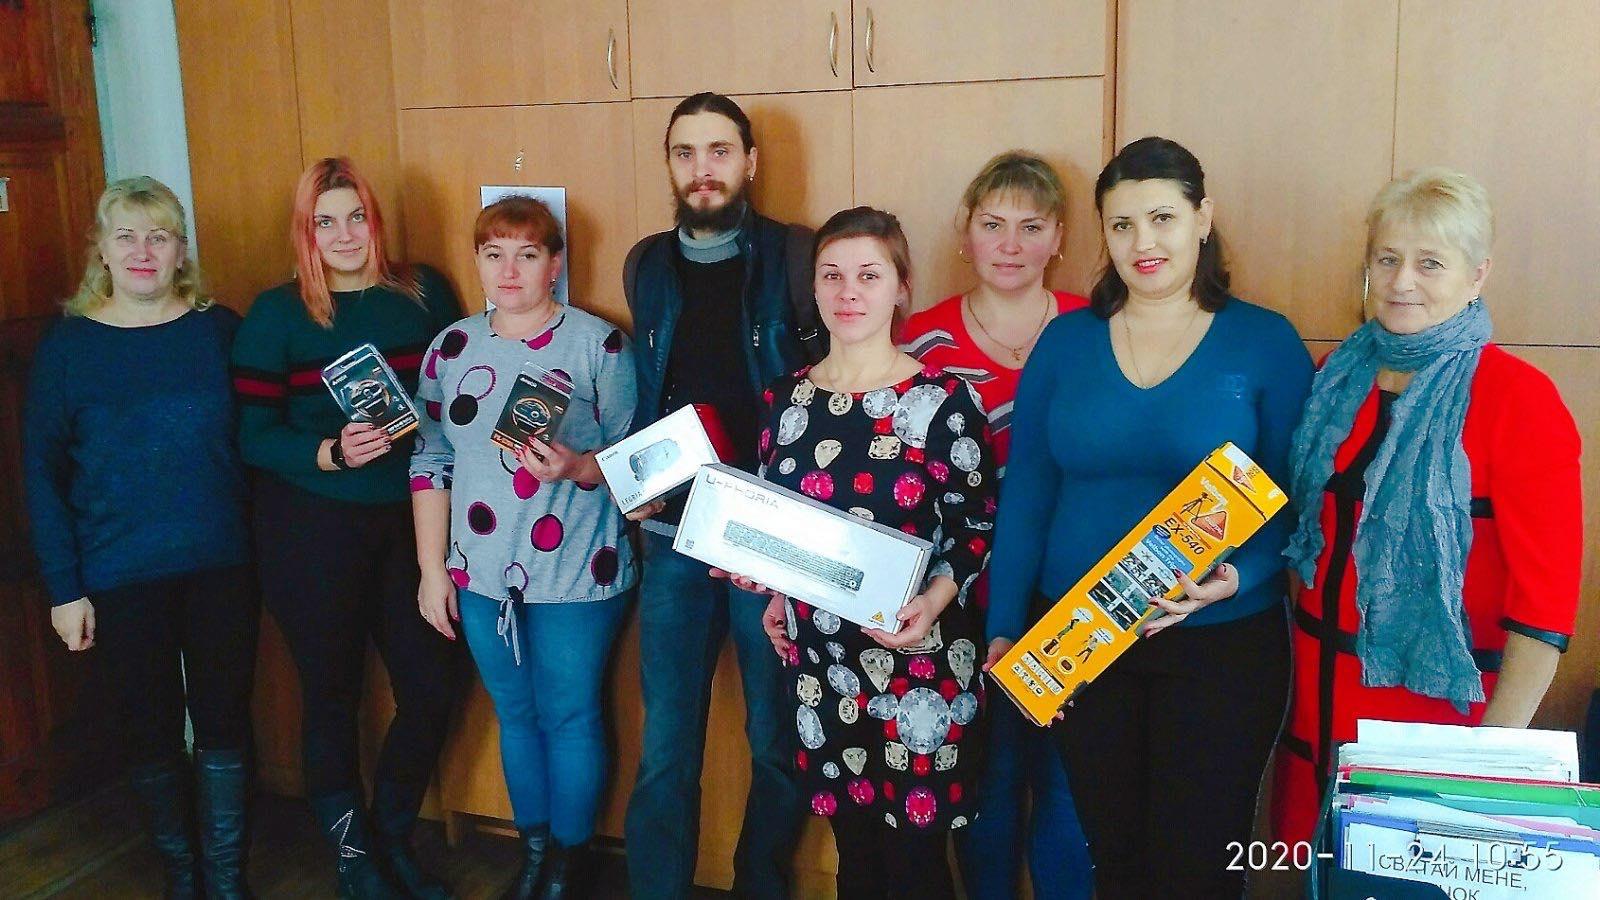 Без овацій у глядацькій залі, але з «лайками» та вдячними коментарями в соцмережах: козелецькі артисти виступають для людей по інтернету